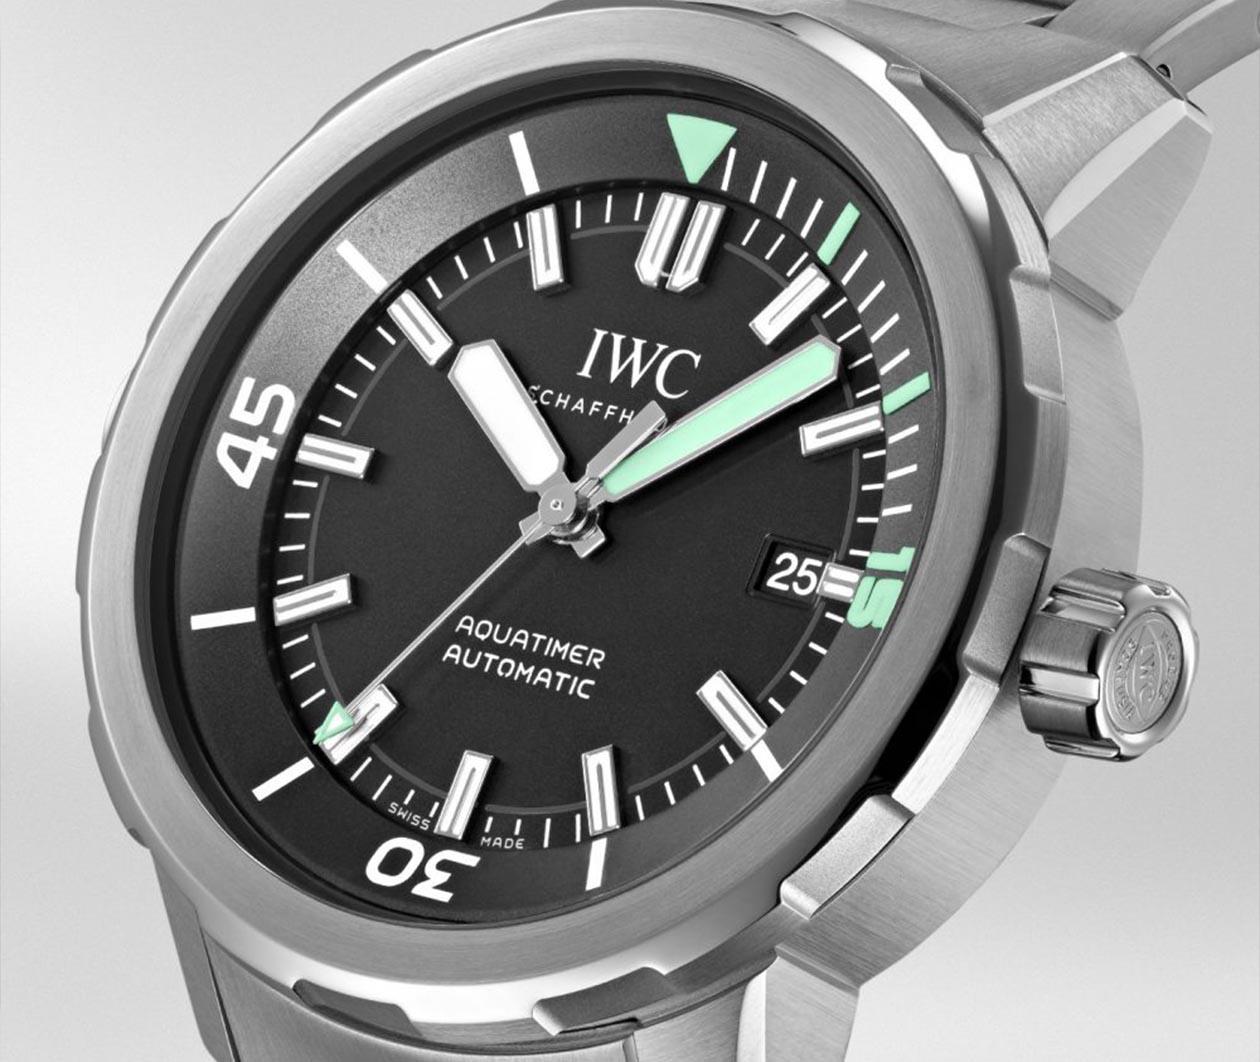 IWC Aquatimer Automatic IW329002 Carousel 2 FINAL